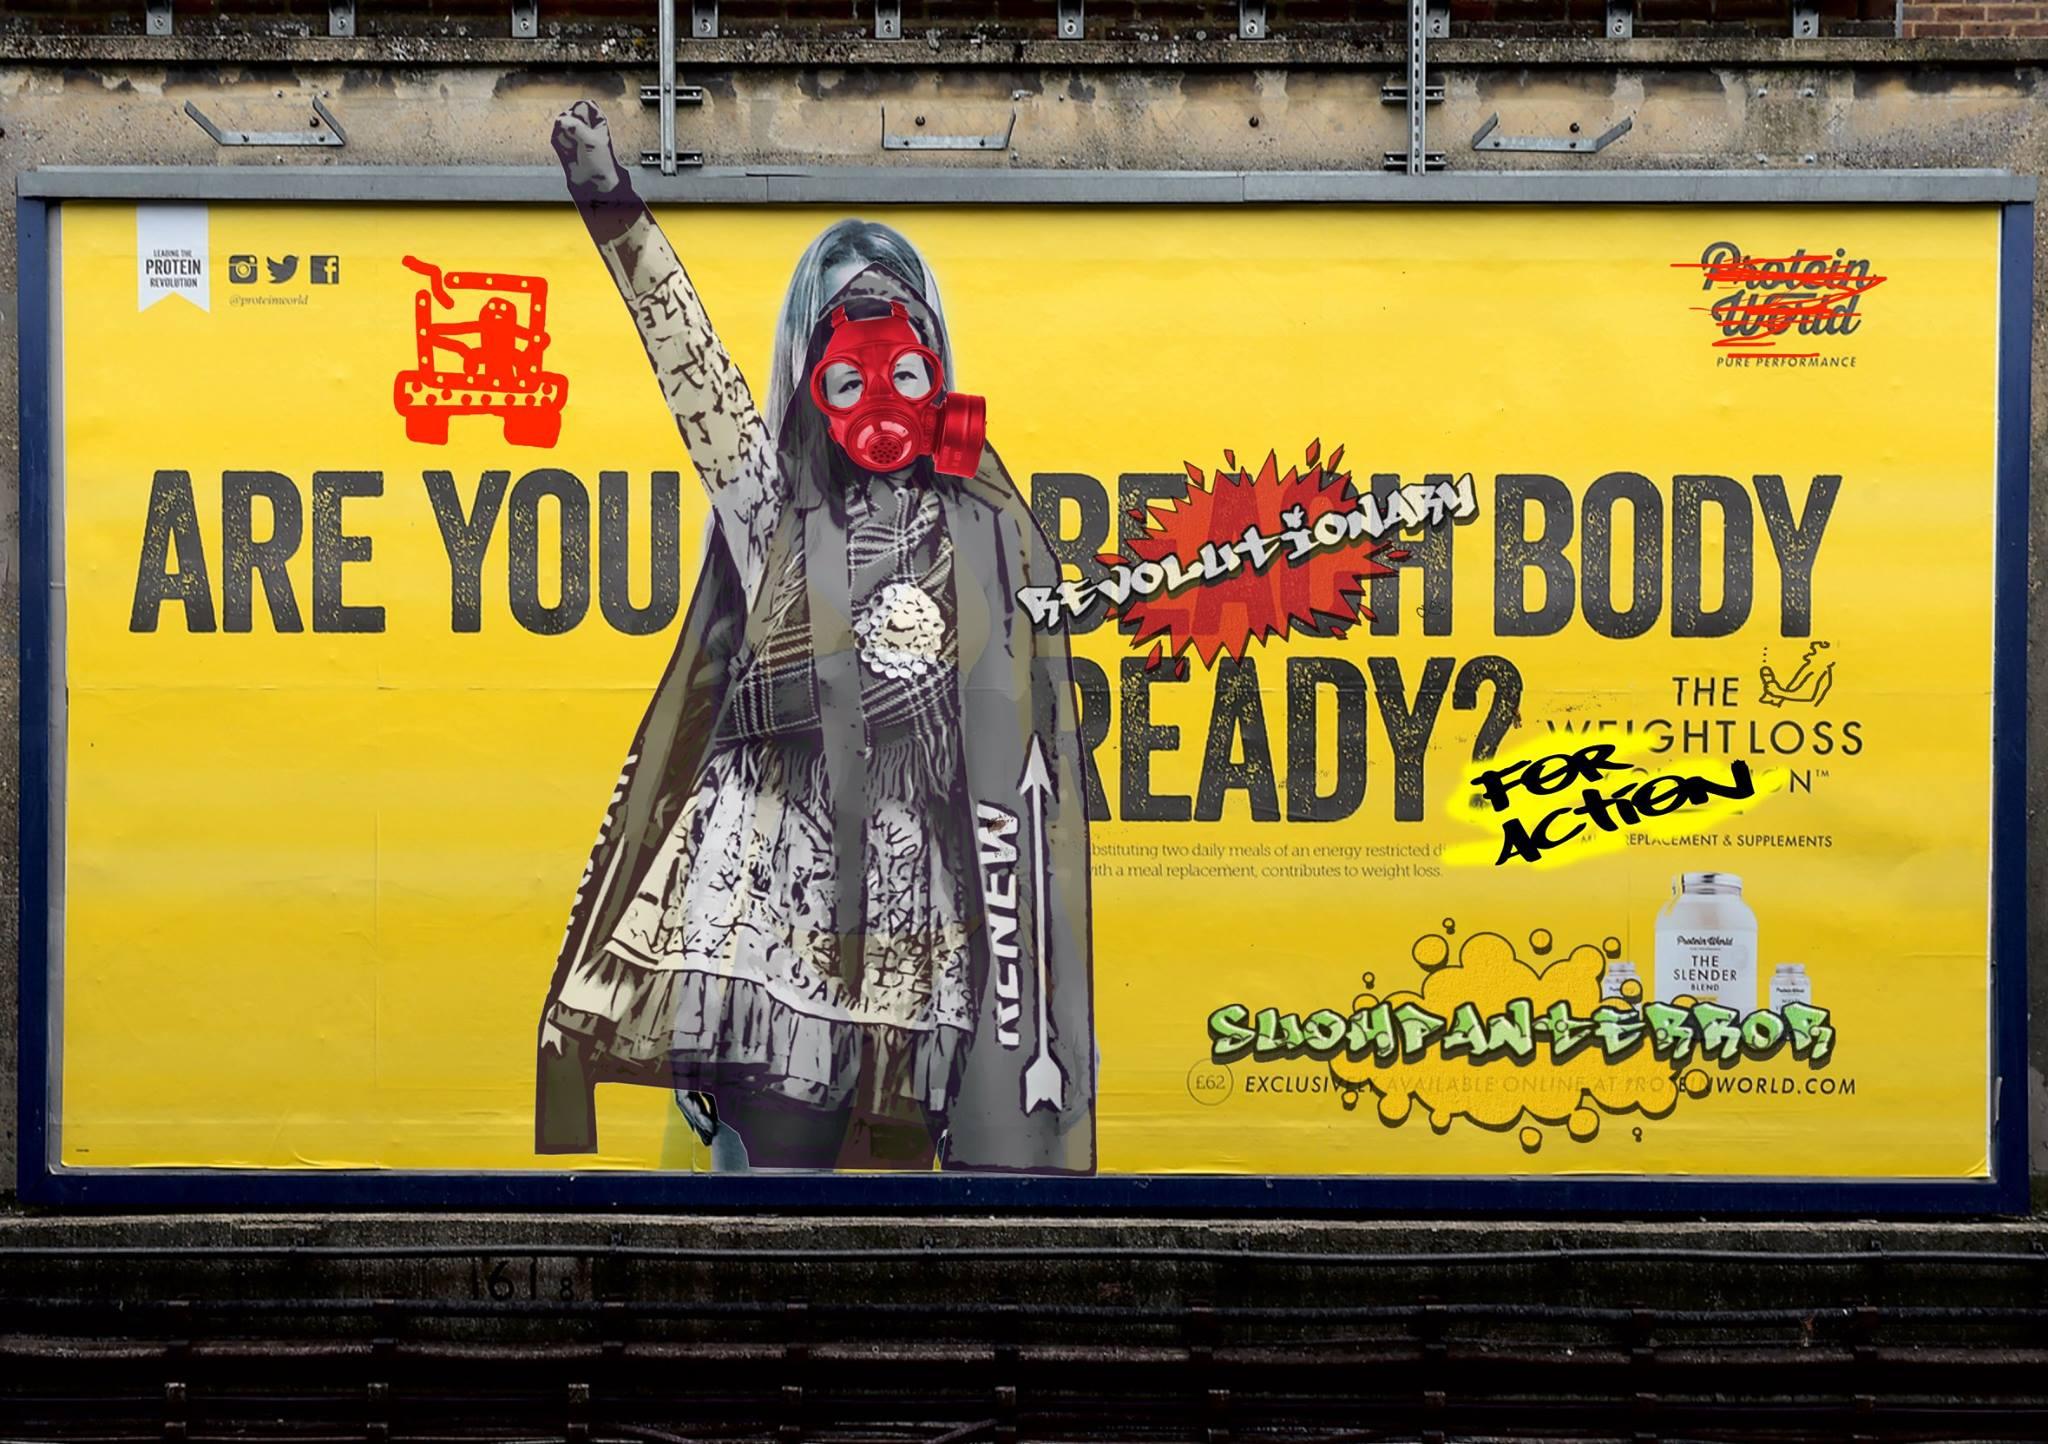 """Suohpanterror lainasi tämän teoksen pohjaksi kohua Lontoon metrossa herättäneen Protein Worldin mainoksen. Paheksuttu mainos kysyi: """"Are You Beach Body Ready?"""" Suohpanterror vaihtoi viestin ja mallin. Lisää alkuperäisestä mainoksesta, joka osaltaan siivitti seksististen mainosten kieltoon Lontoon metroissa: http://hairikot.voima.fi/blogi/rantakunto-ja-paremmat-mainokset-nytten/"""